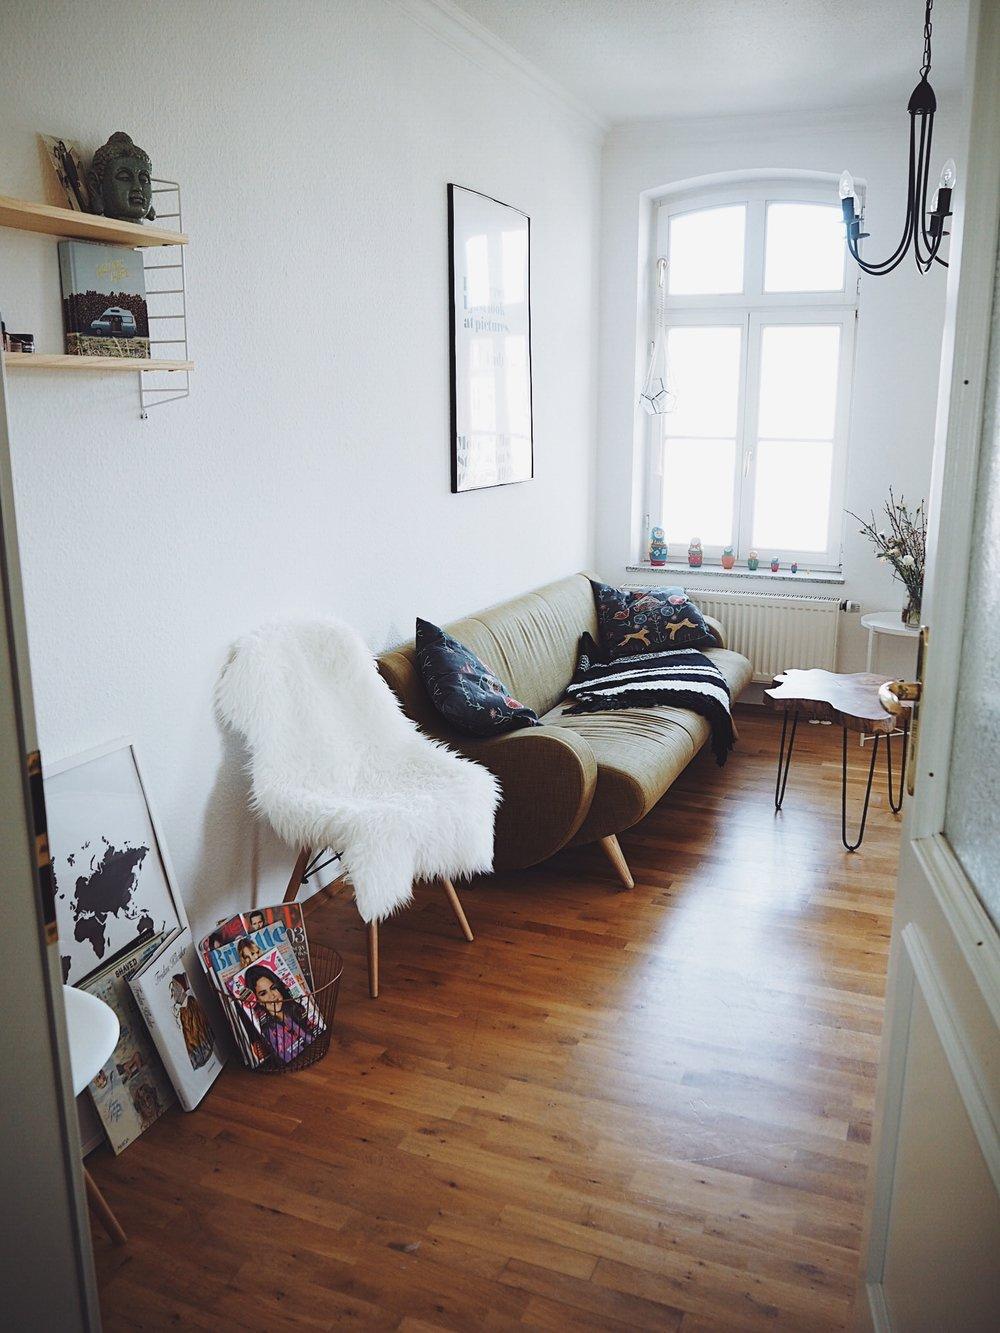 Mein Wohnzimmer - Interior Insights — Madlen Boheme